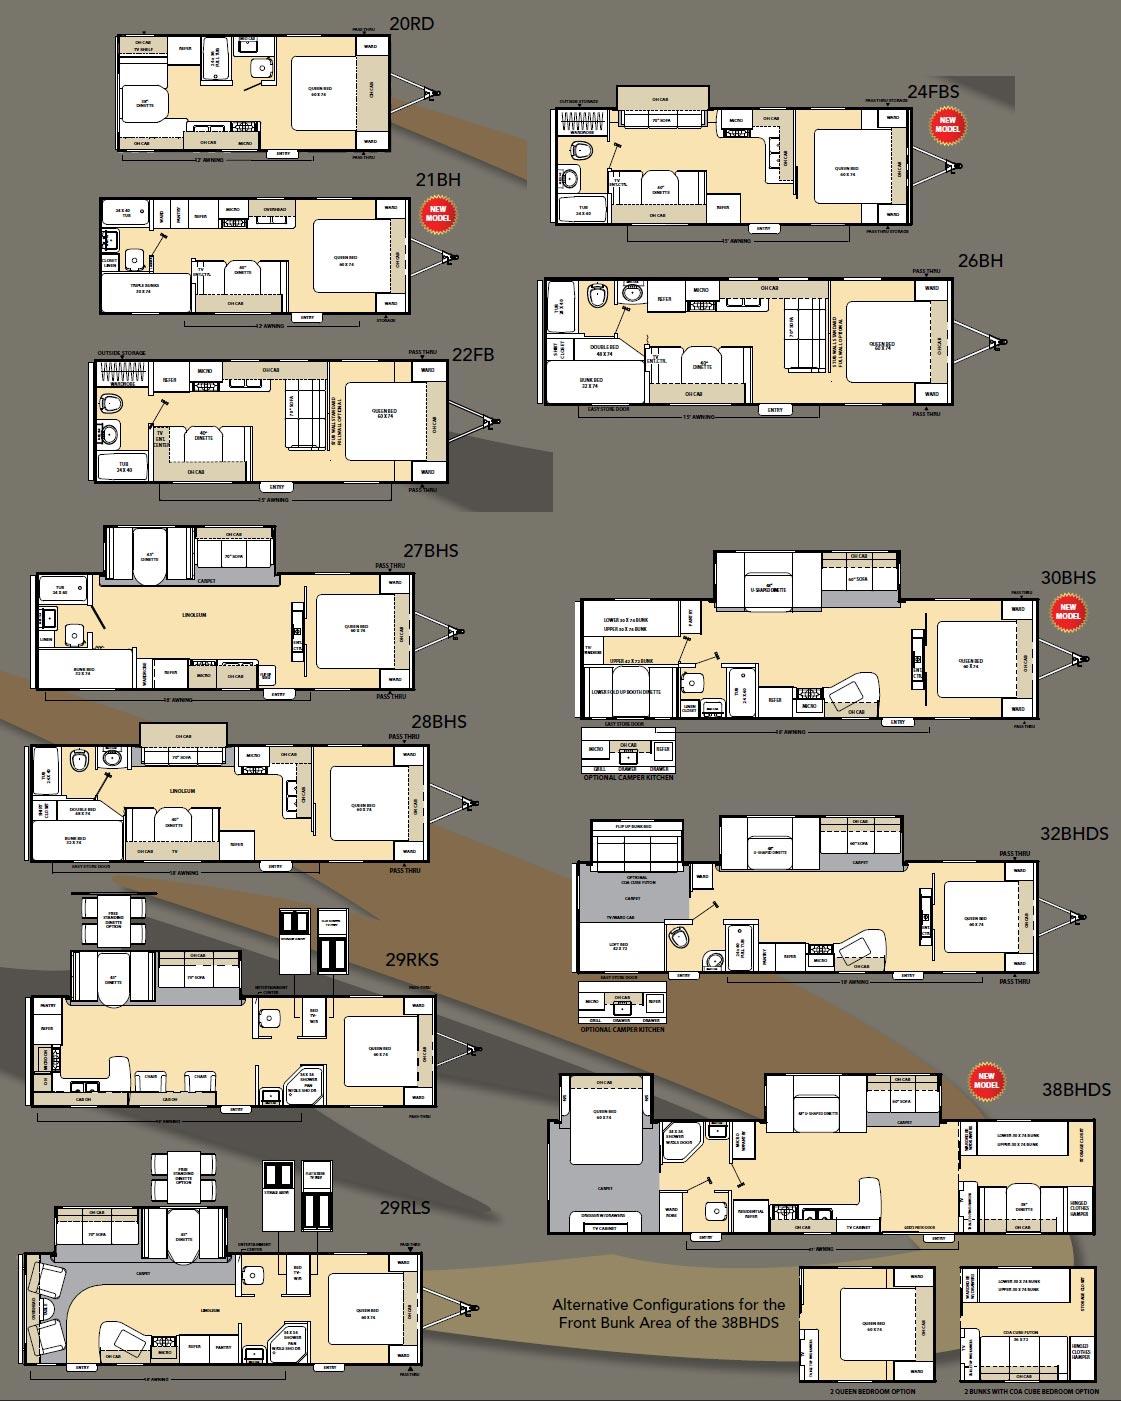 Coachmen Camper Wiring Diagram Library Rv Electric Catalina Lite U2022 Electrical Coachman Travel Trailer